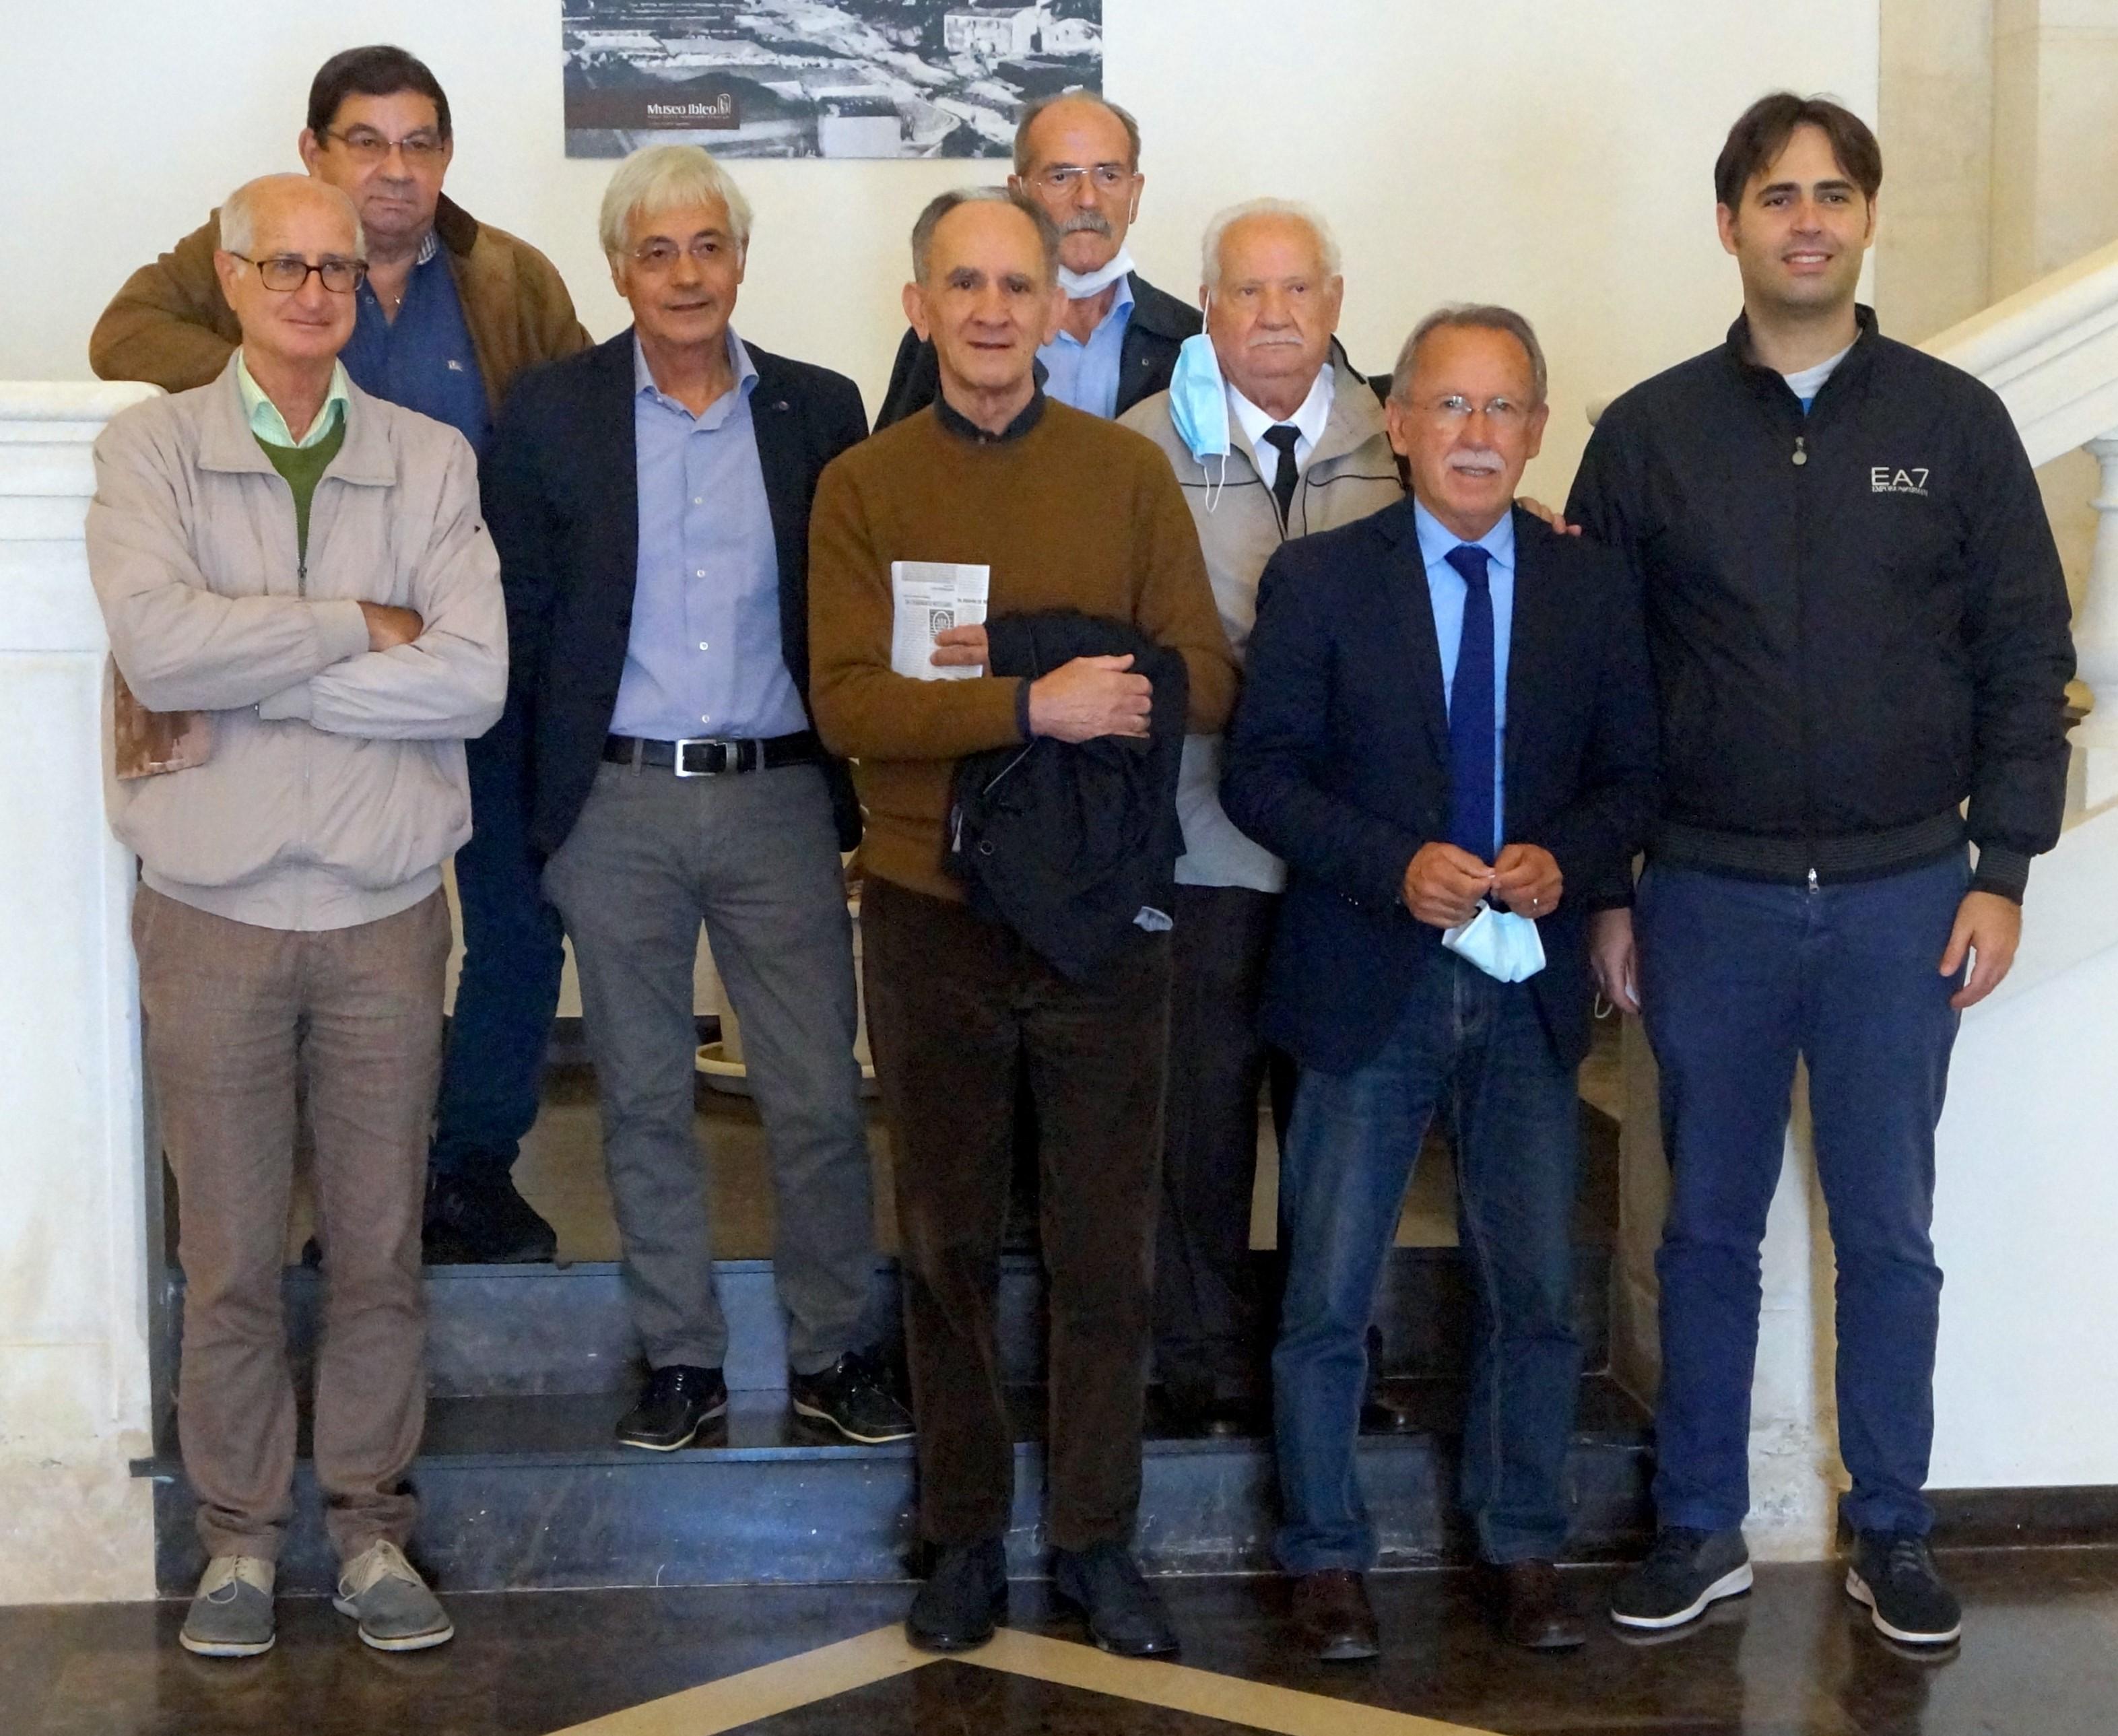 Tribunali siciliani soppressi: il 3 novembre vertice con la ministra Marta Cartabia